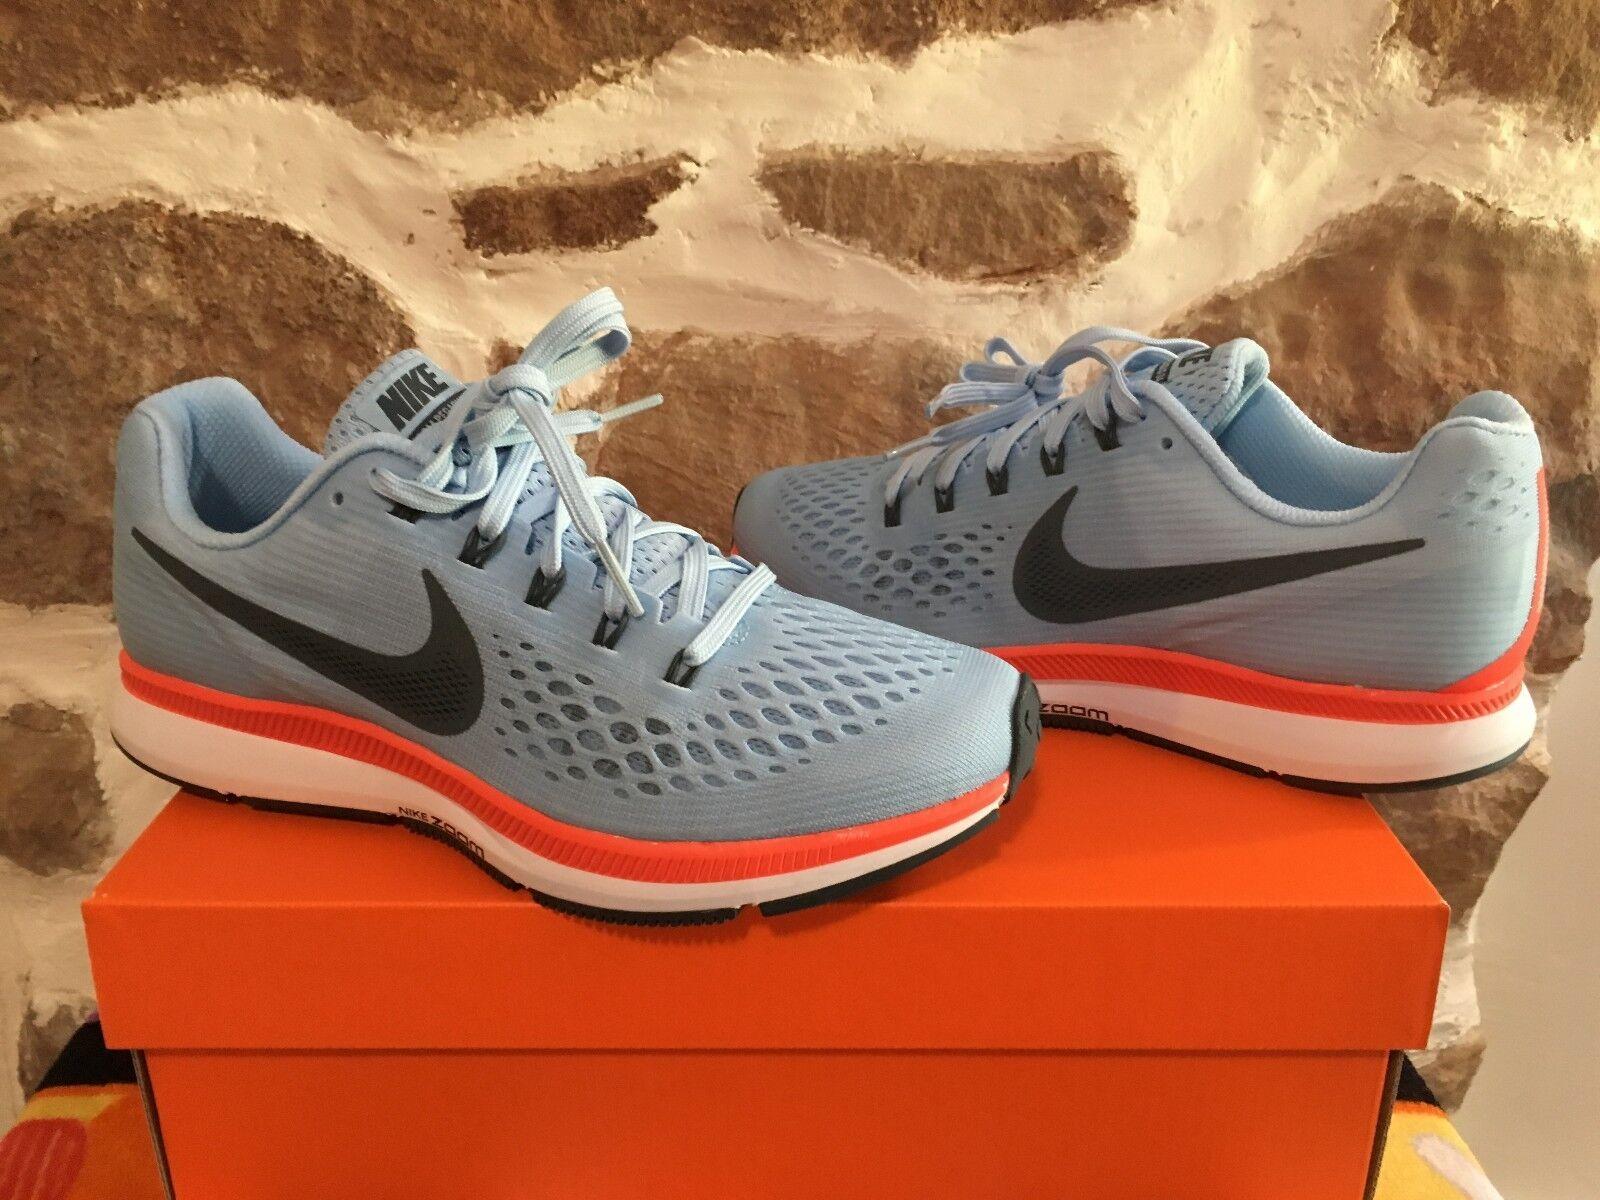 Nike air zoom pegasus 34 pour femme (size 39)